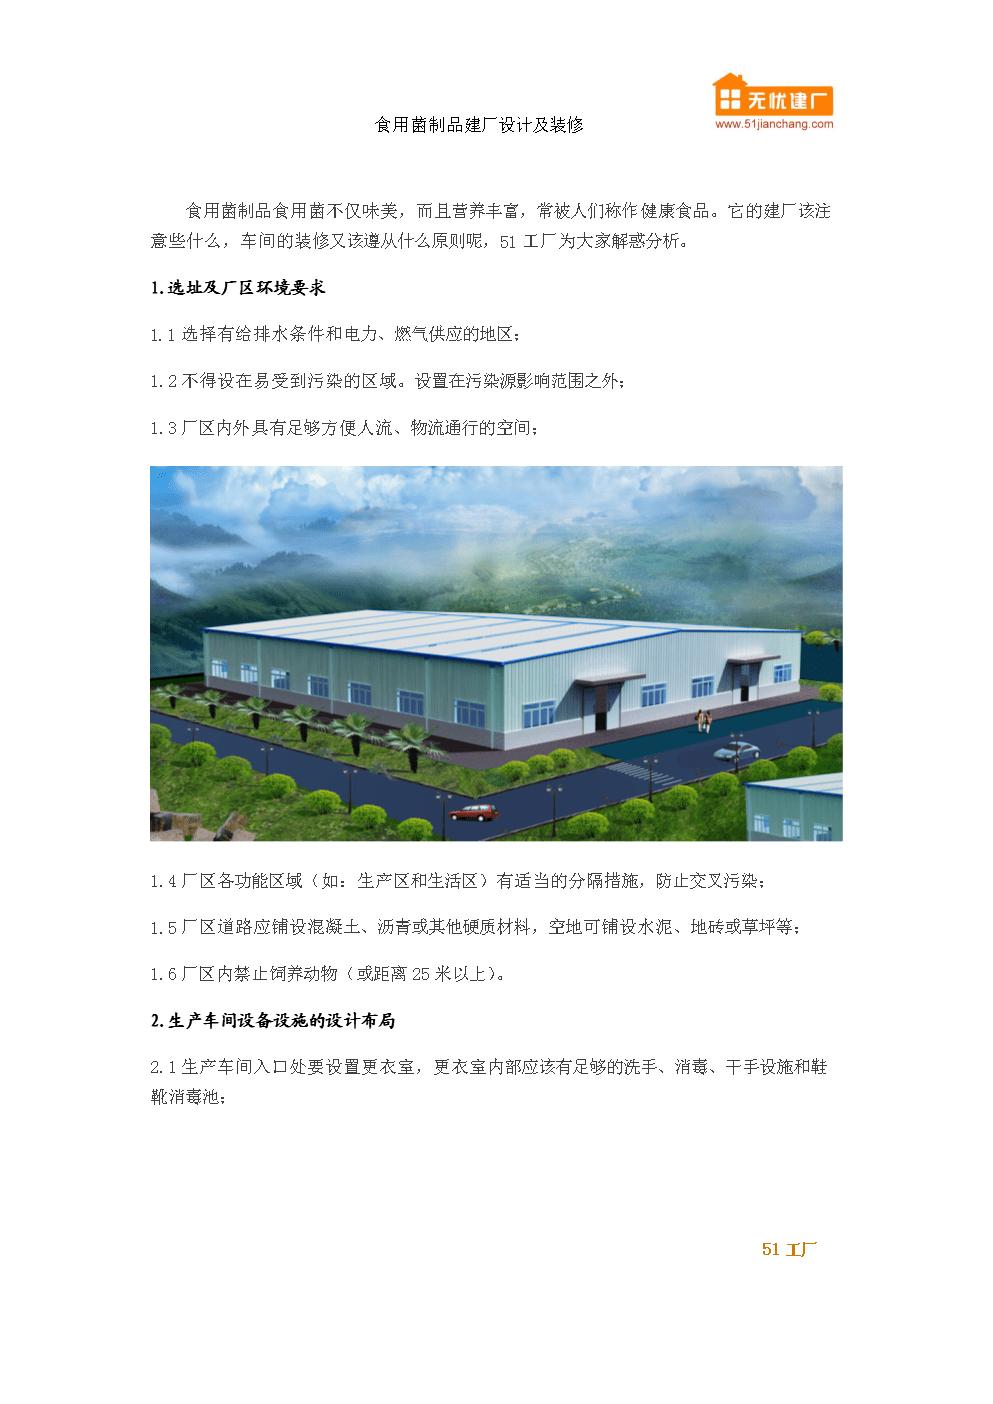 食用菌制品建厂设计及装修要求.docx